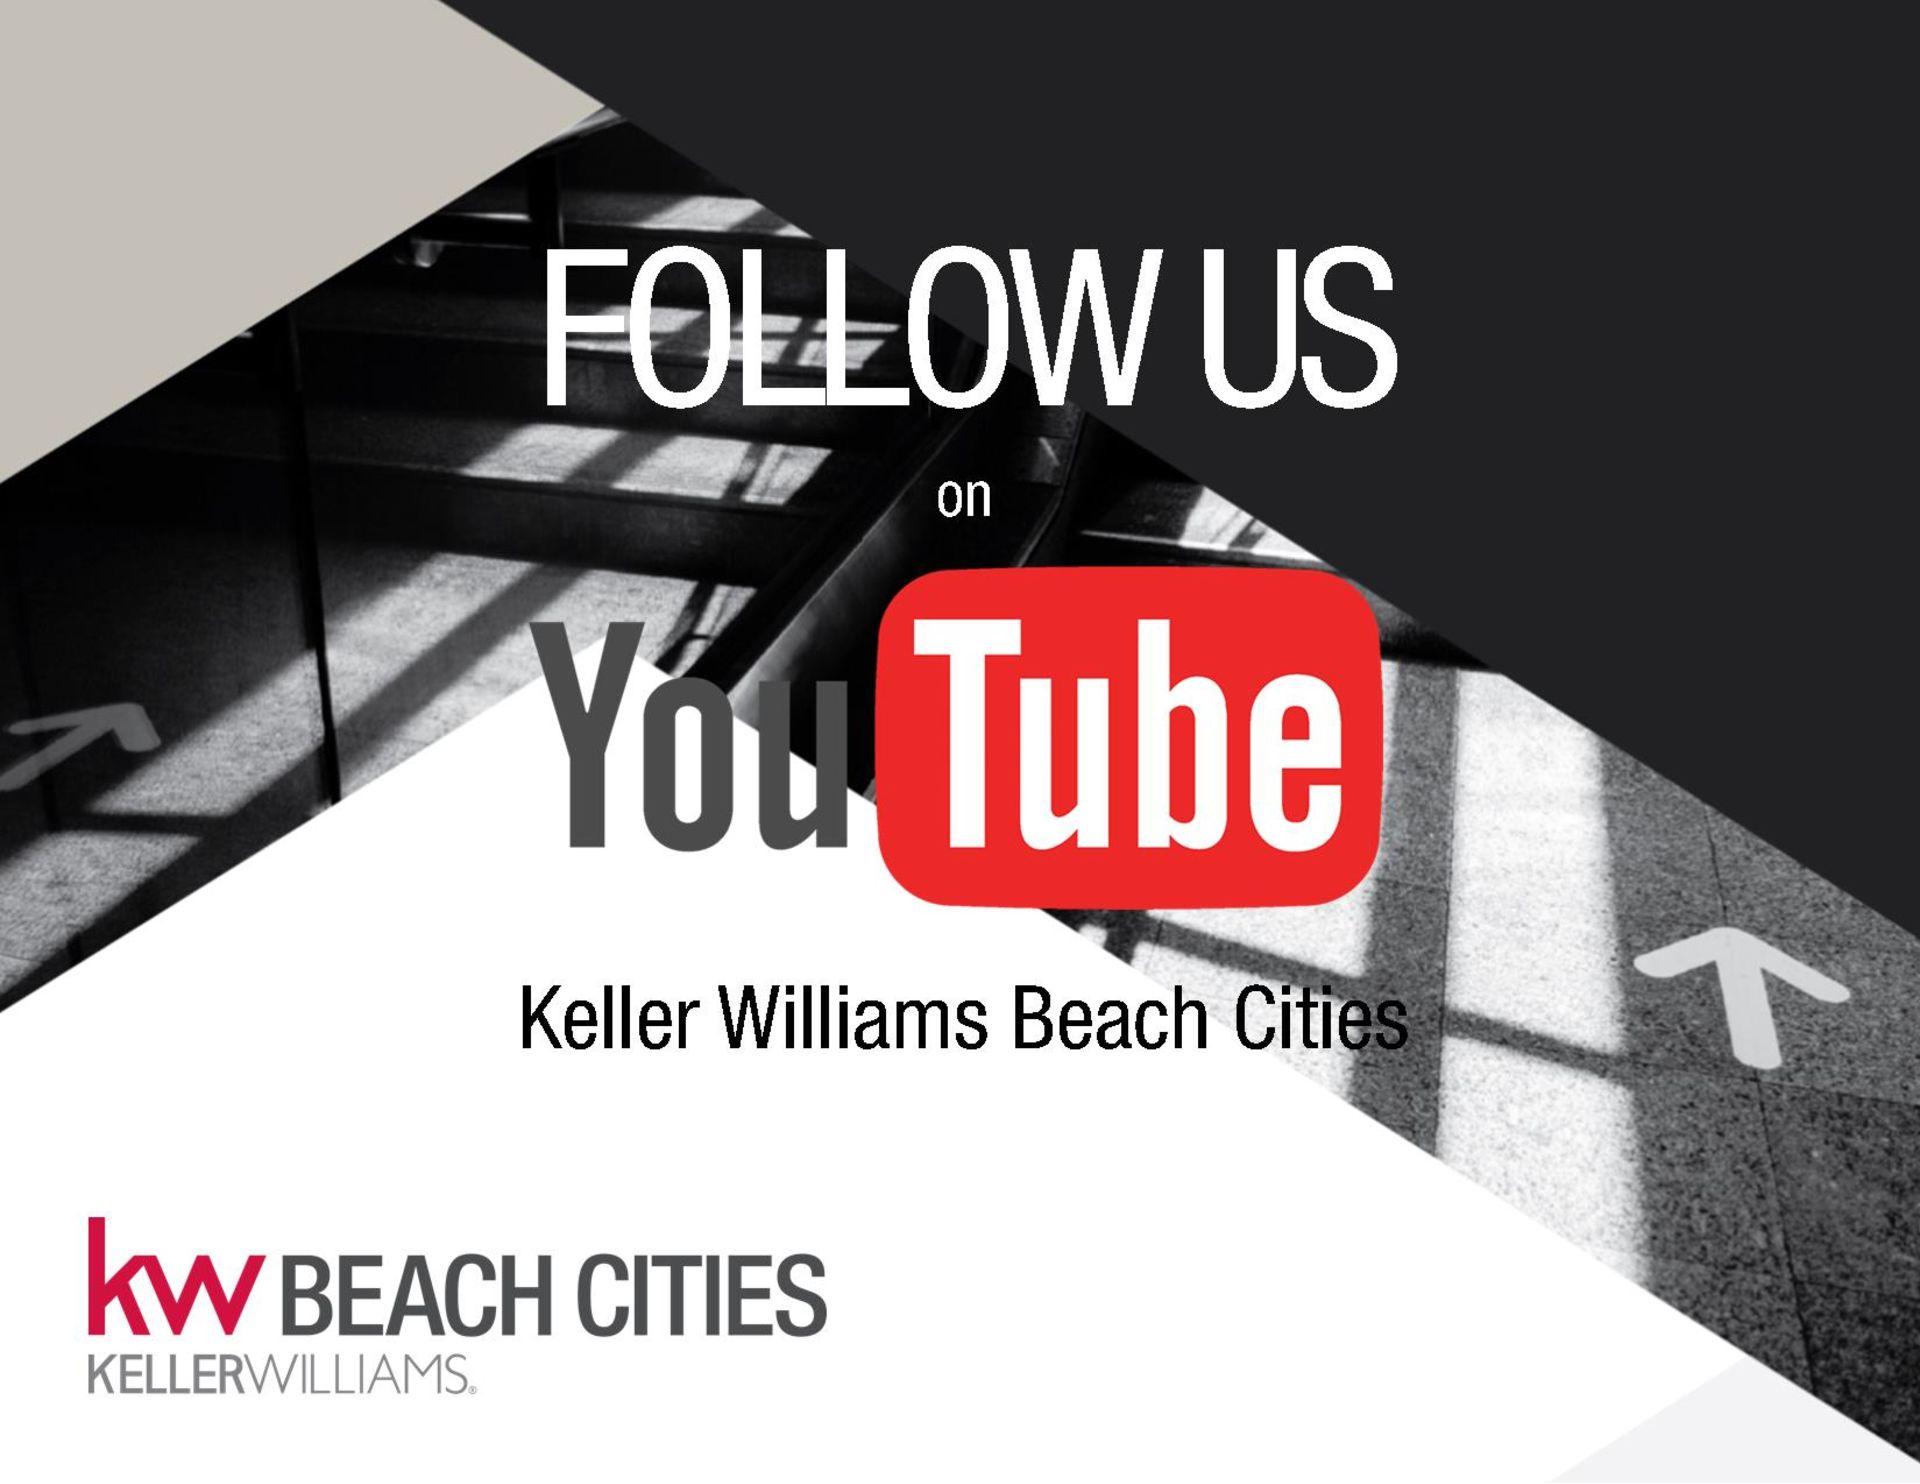 Beach Cities Youtube